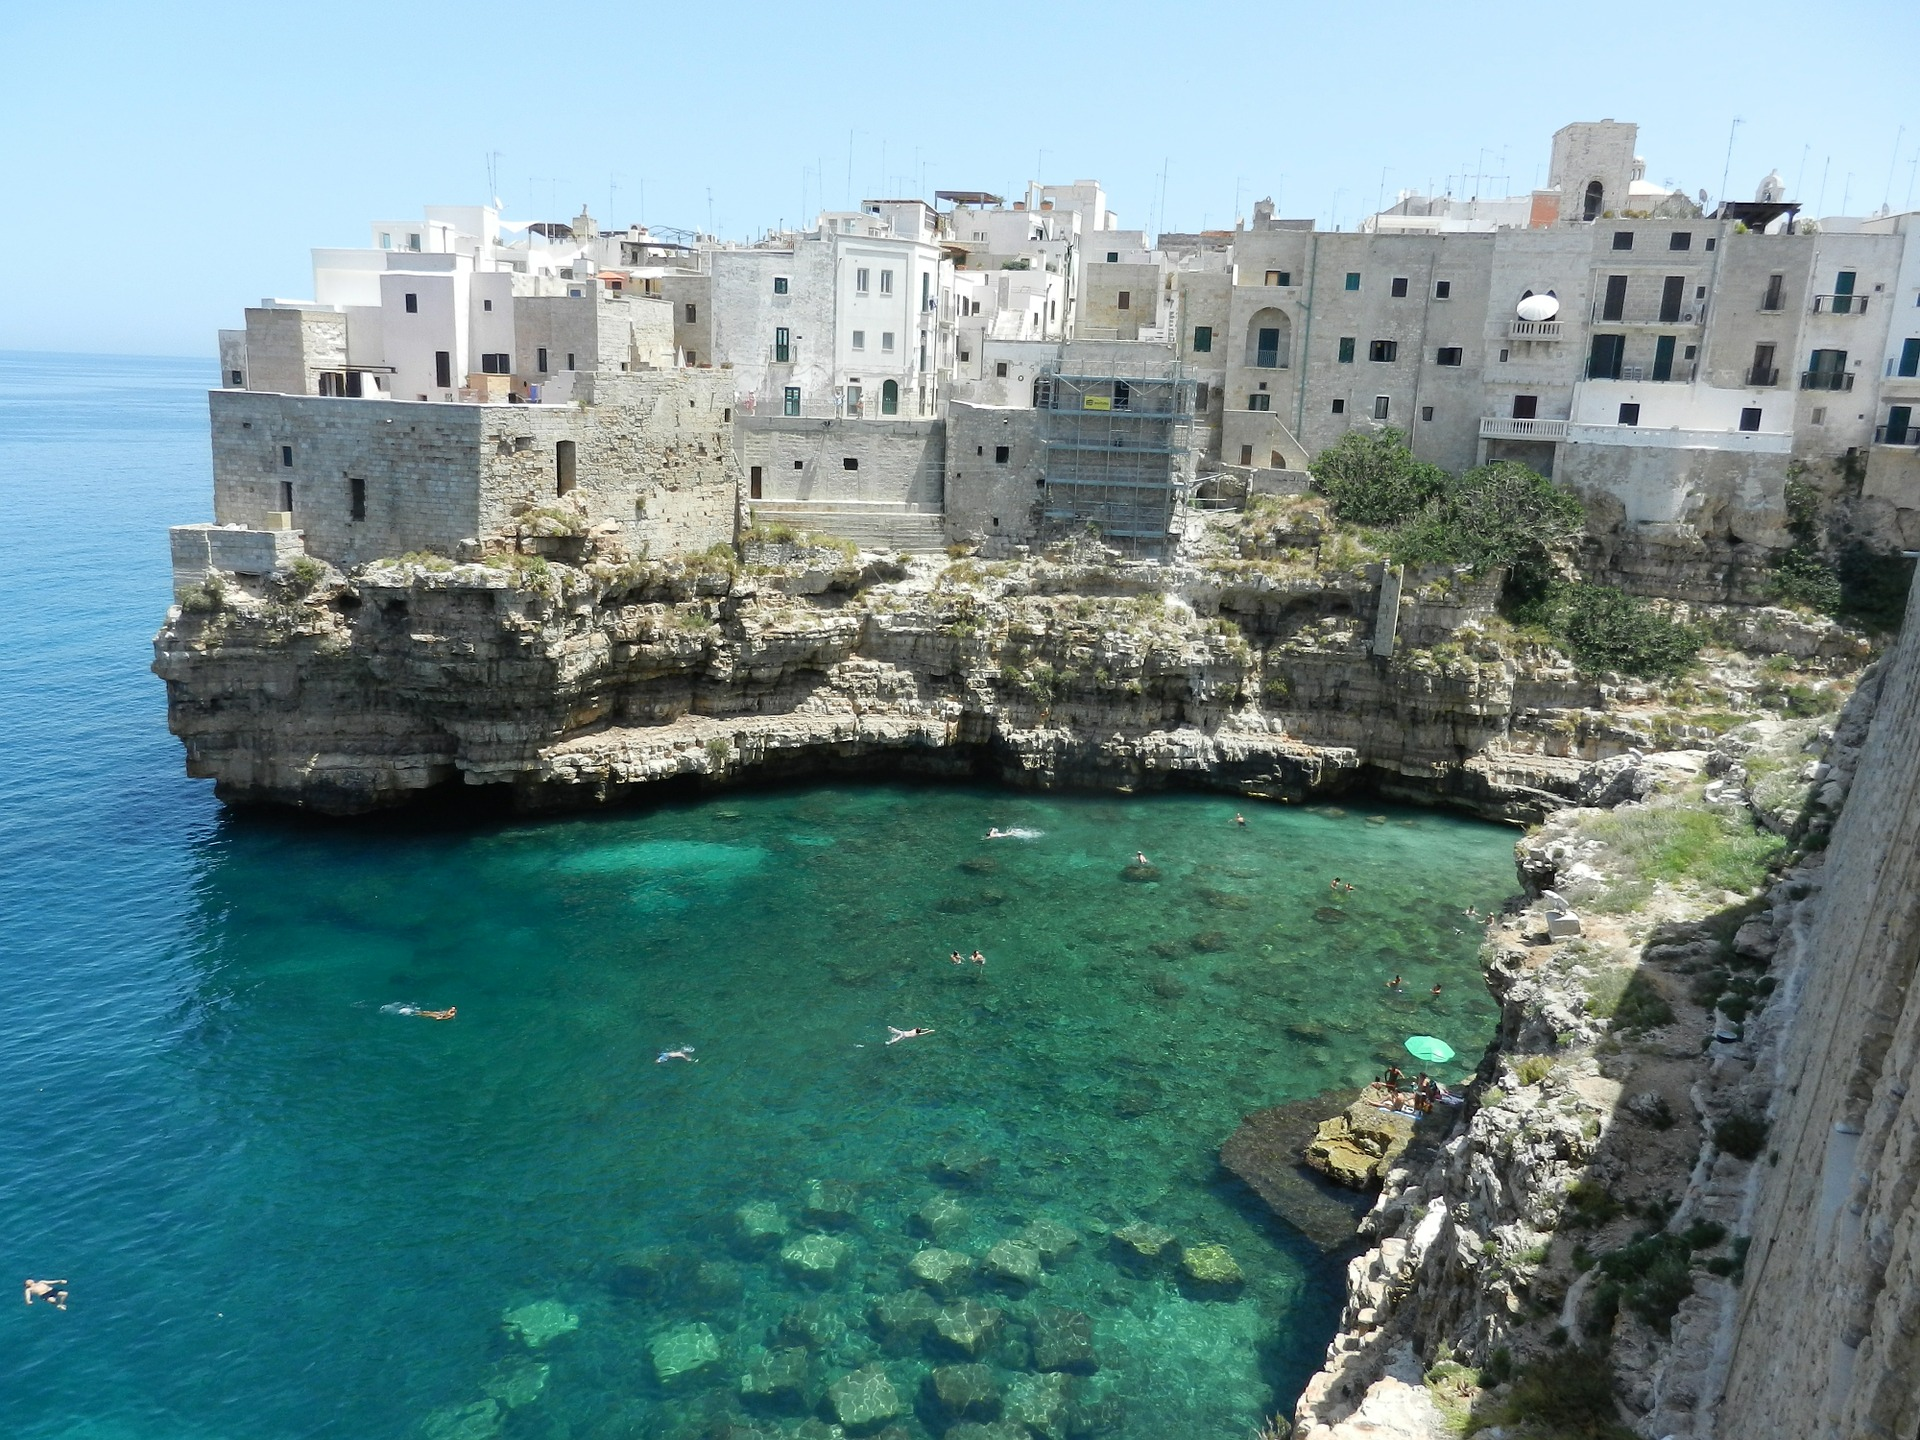 Polignano amare, Apulia, Rozkoszuj się życiem wsamym sercu Apulii!